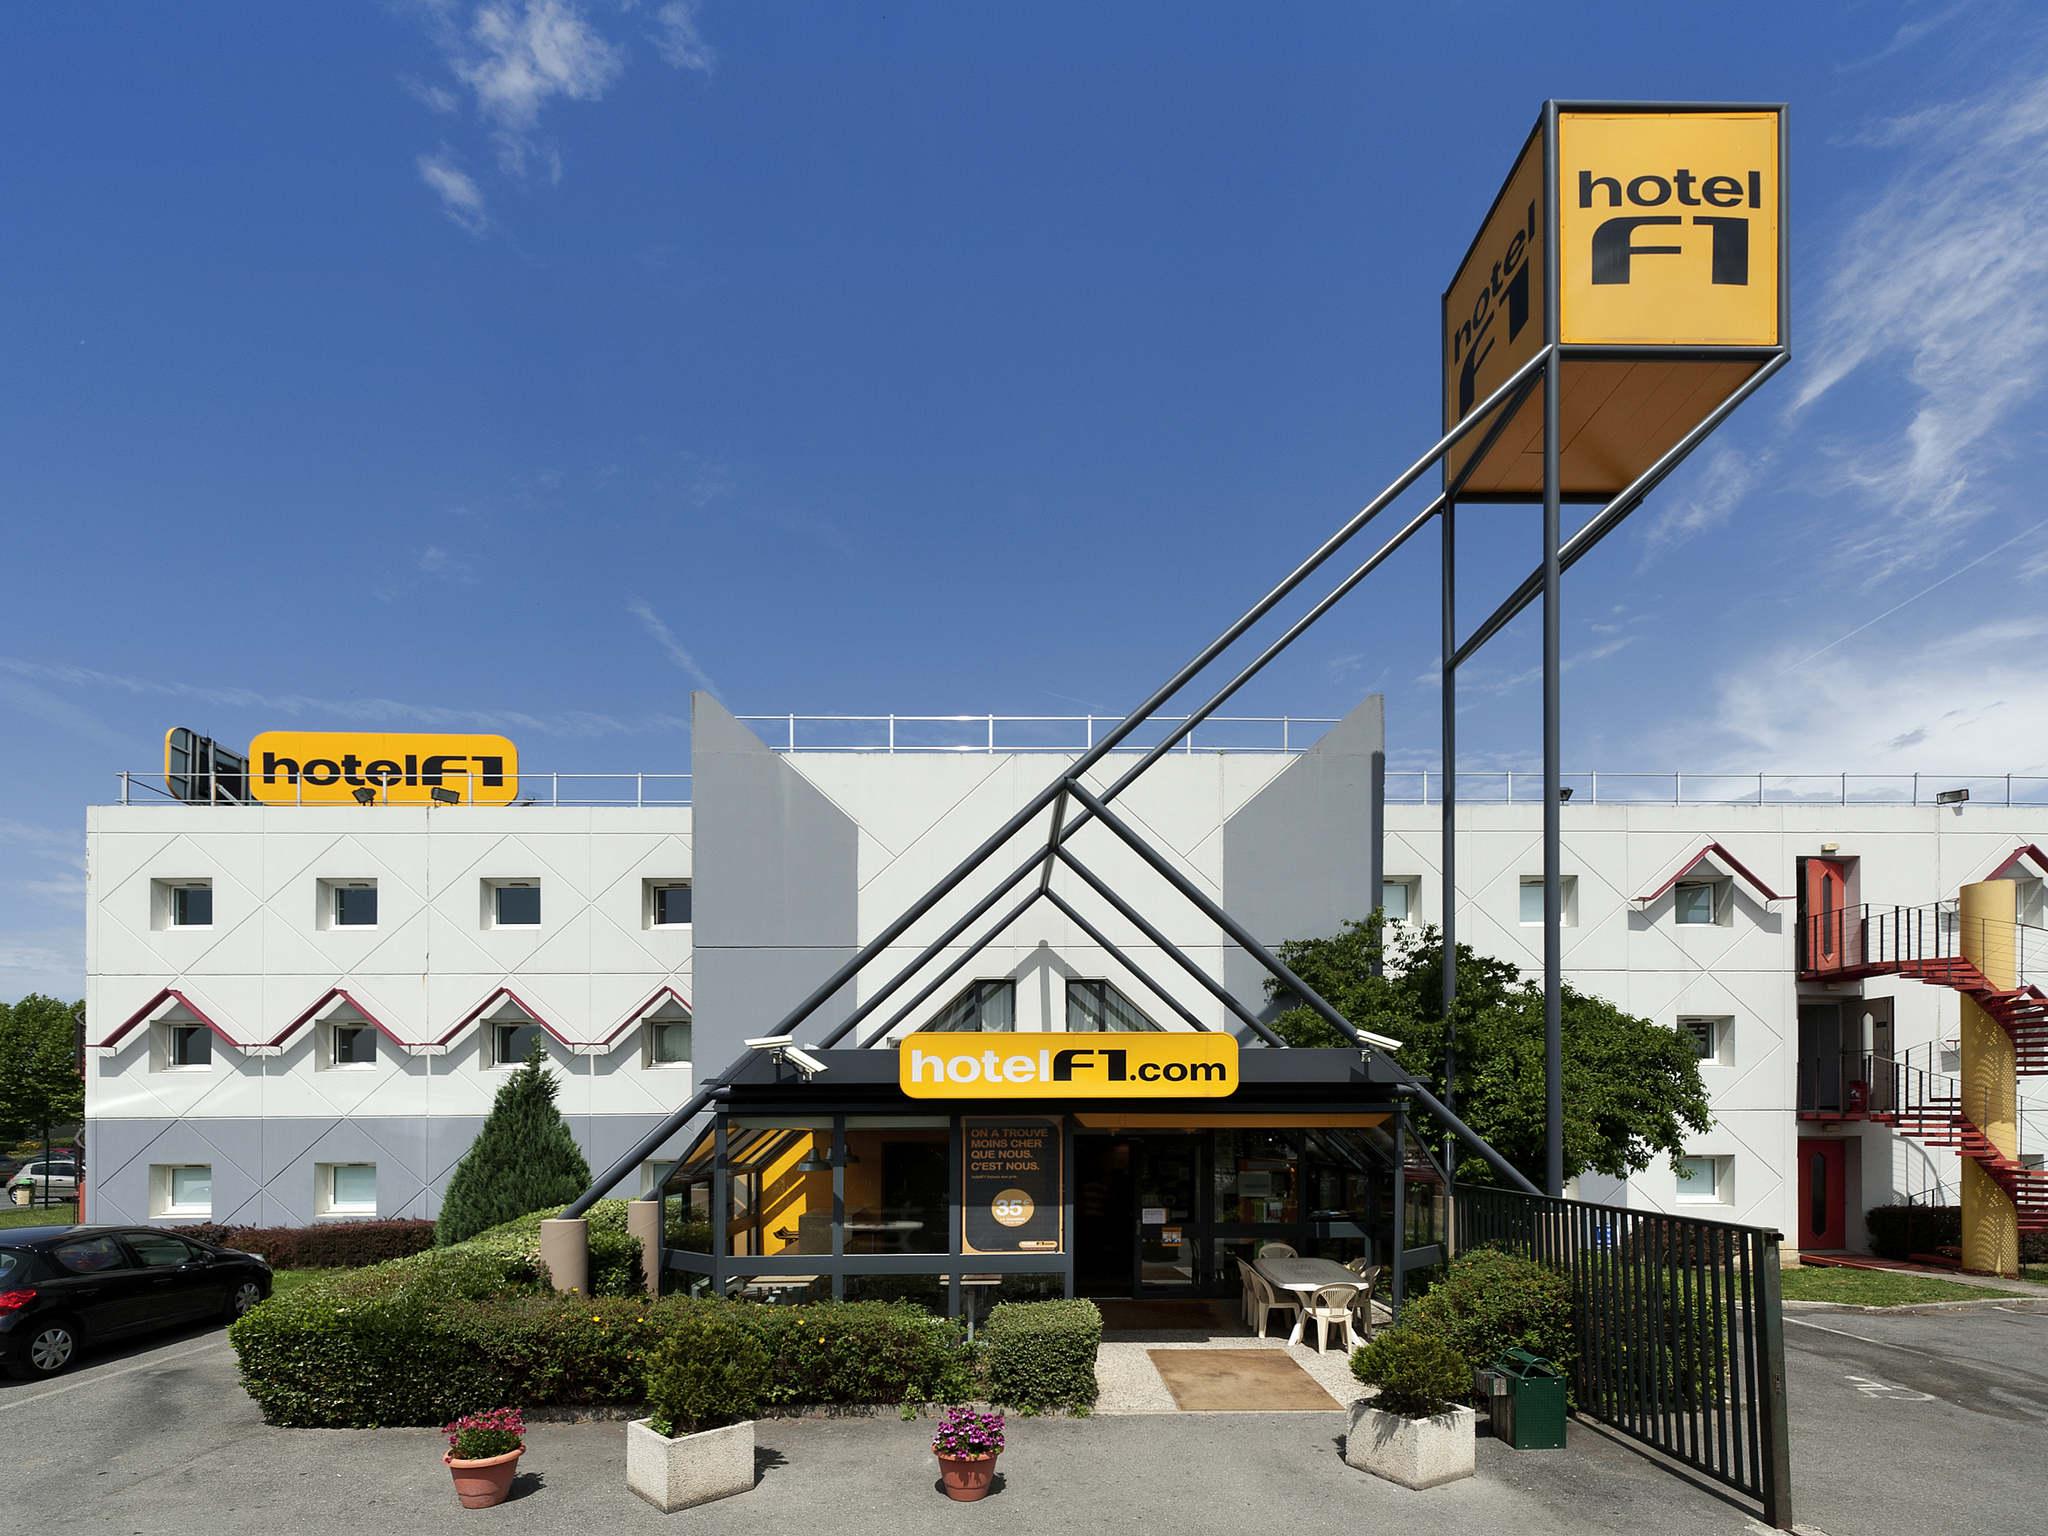 ホテル – hotelF1 Mennecy